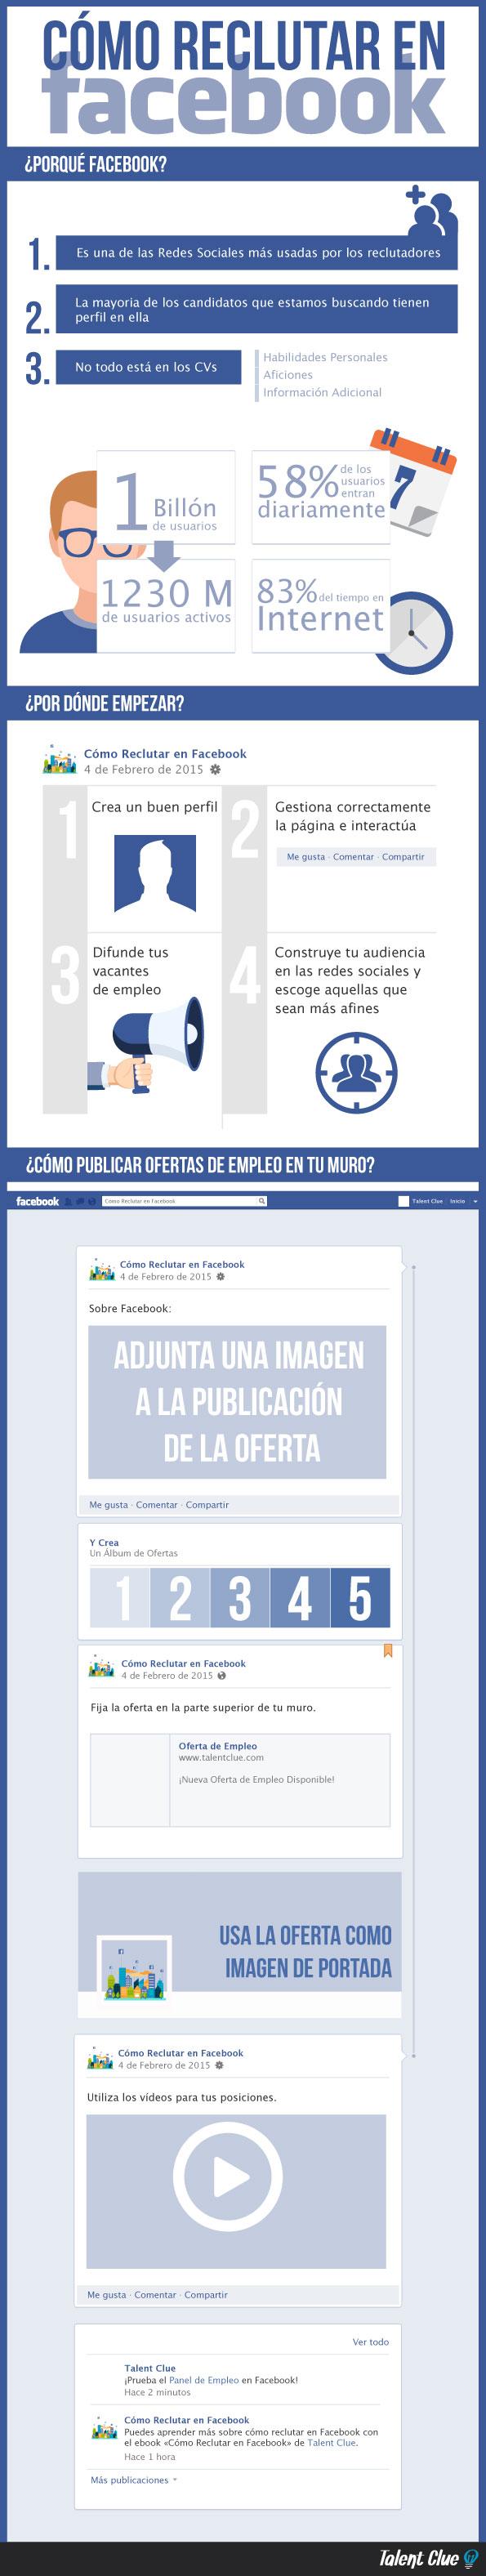 Cómo reclutar en FaceBook